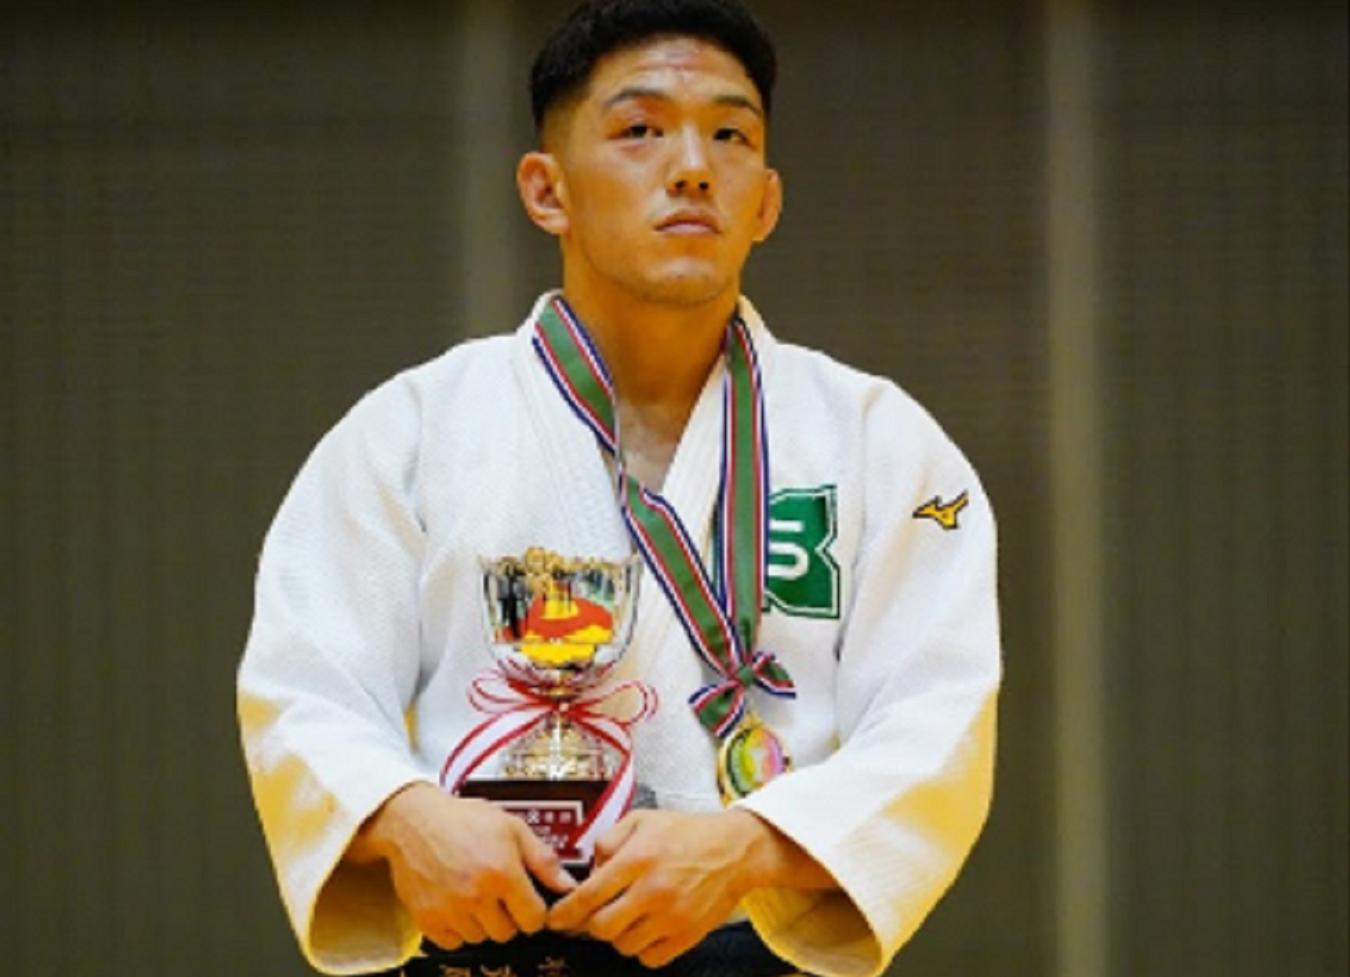 2020年度講道館杯全日本柔道体重別選手権大会兼全日本選抜体重別選手権大会